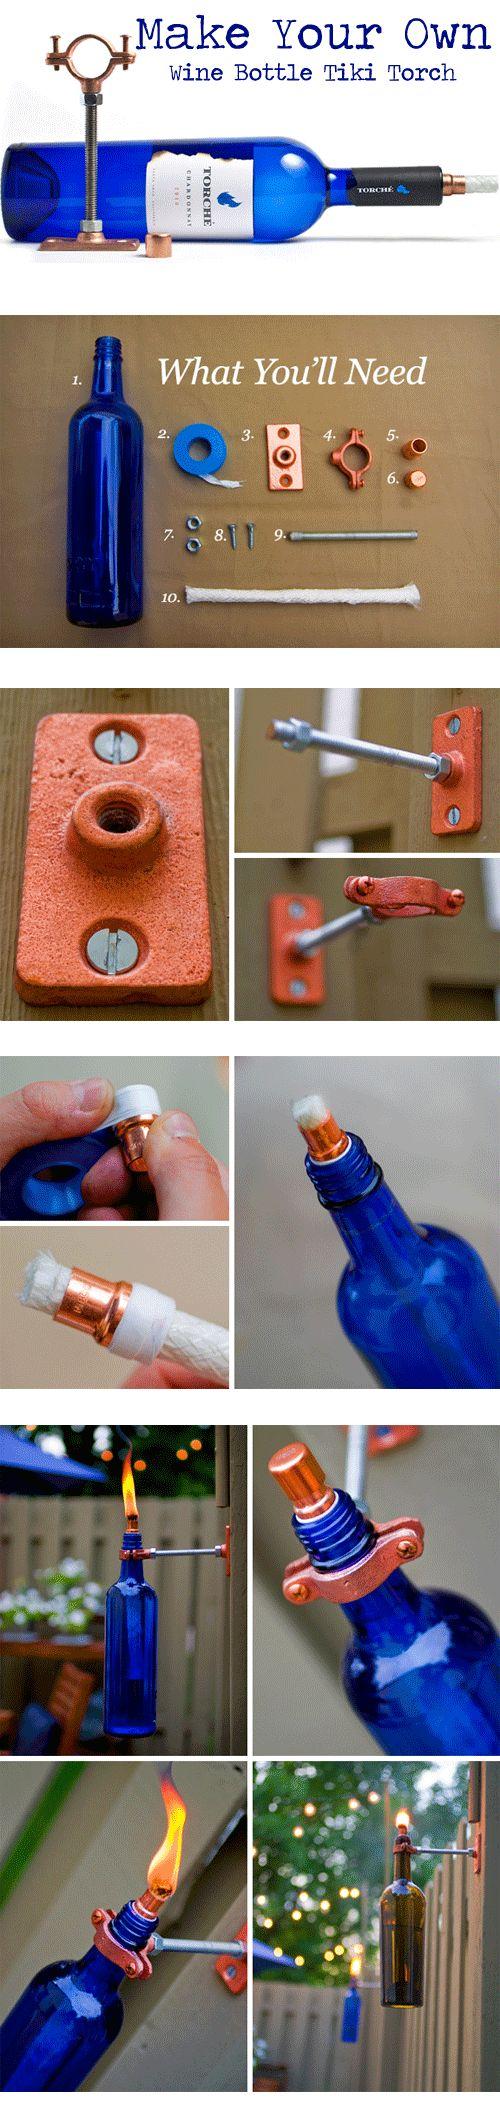 wine-bottle-tiki-torch